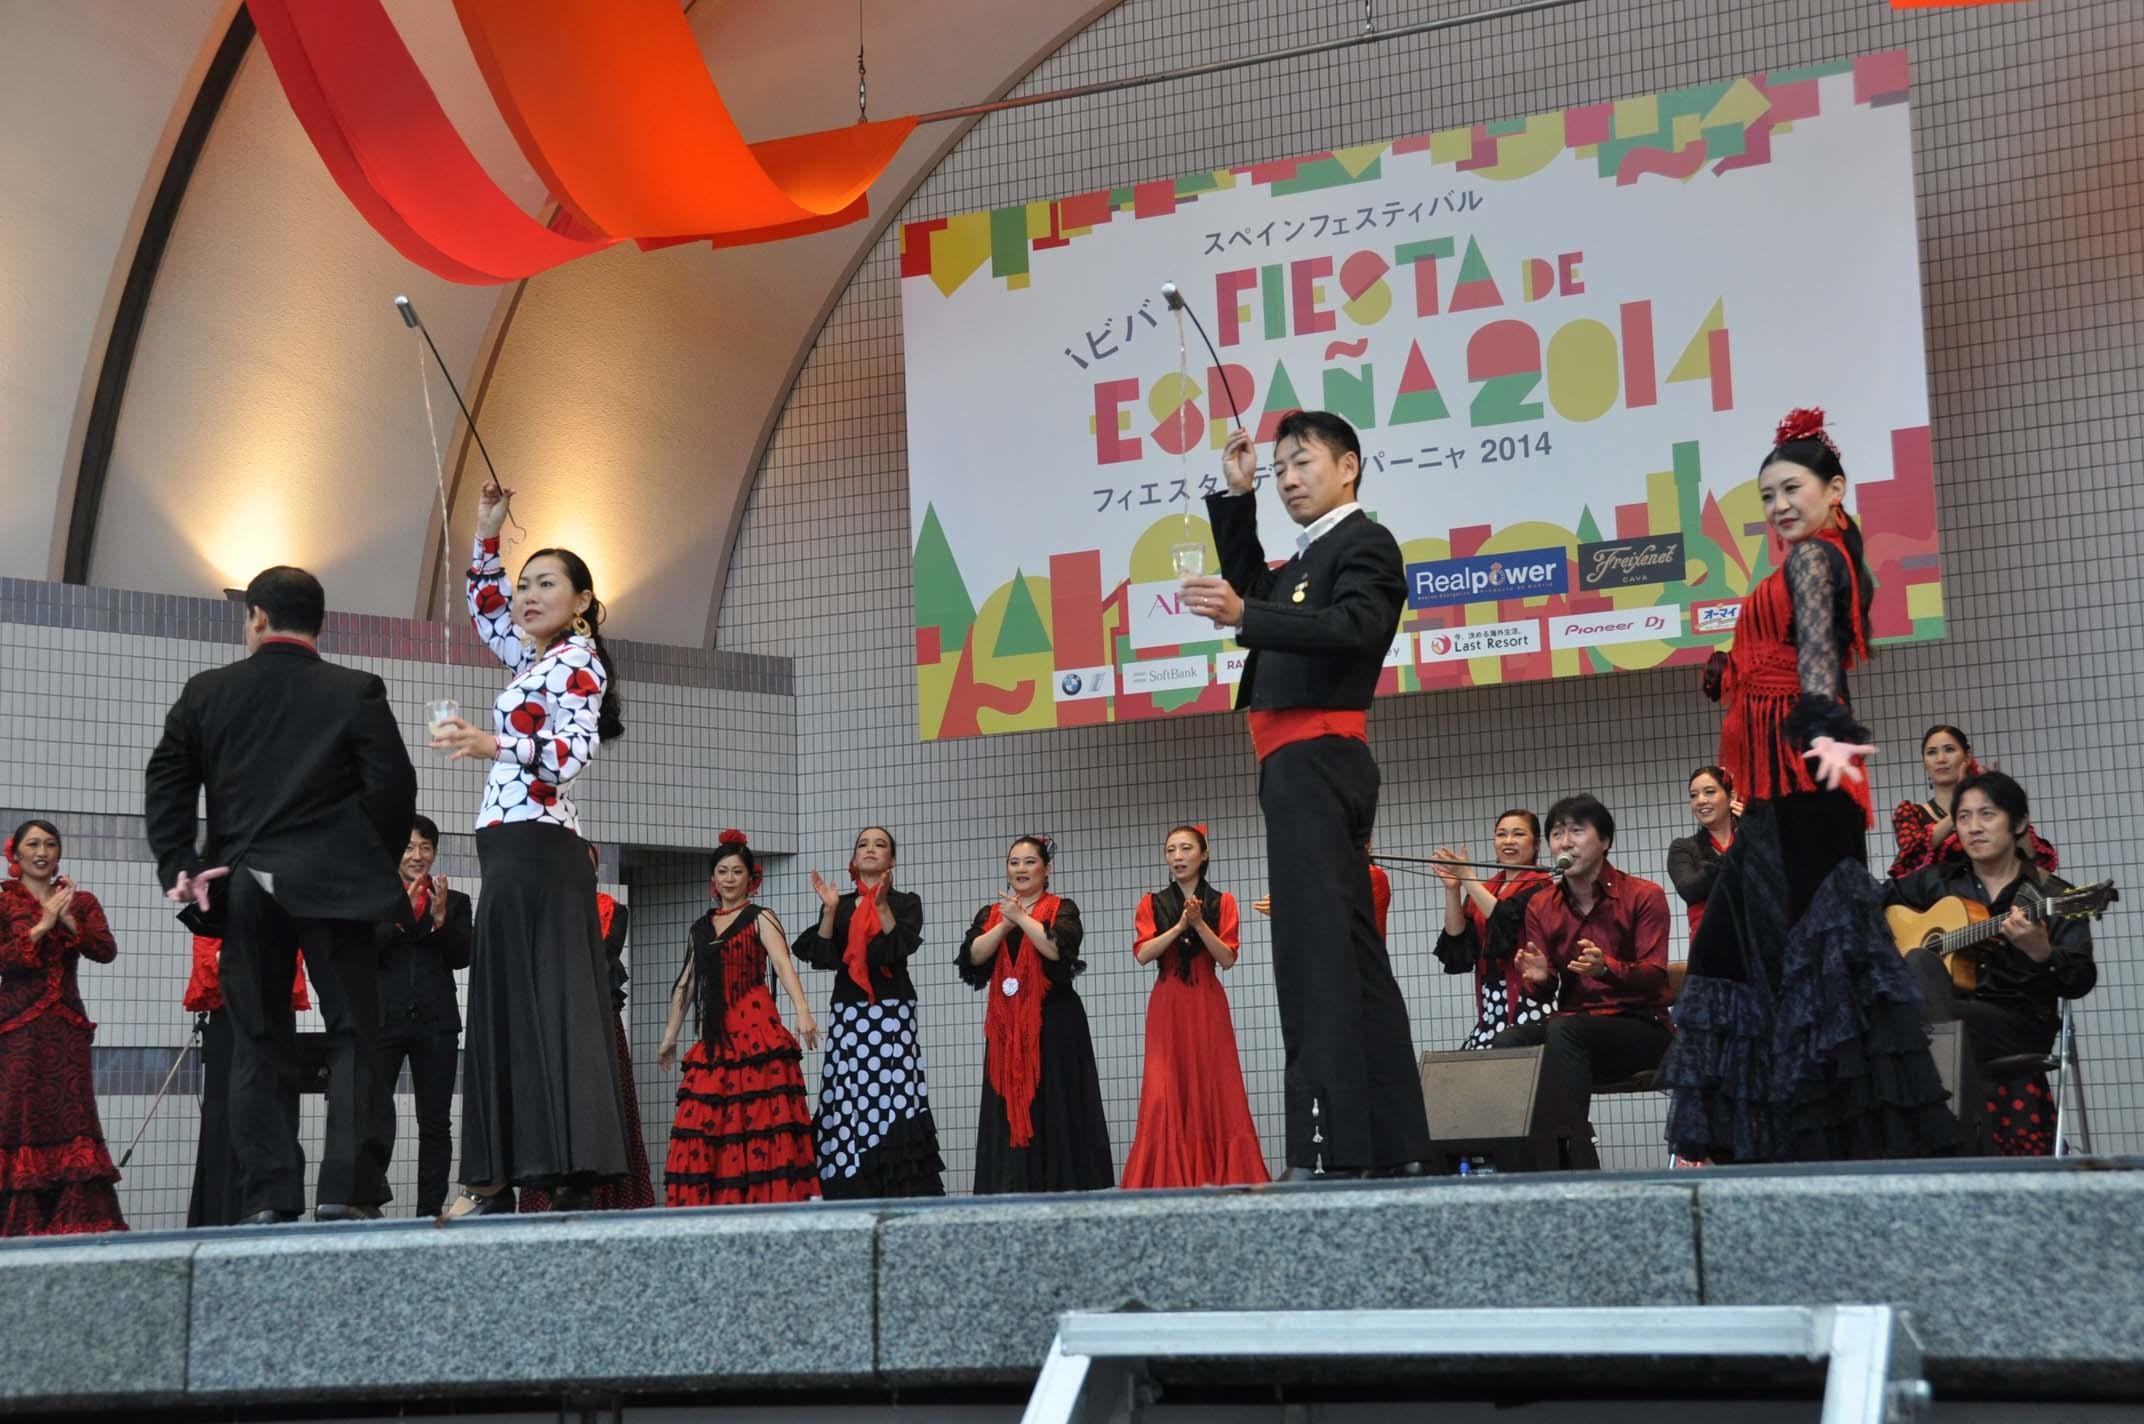 Fiesta de España